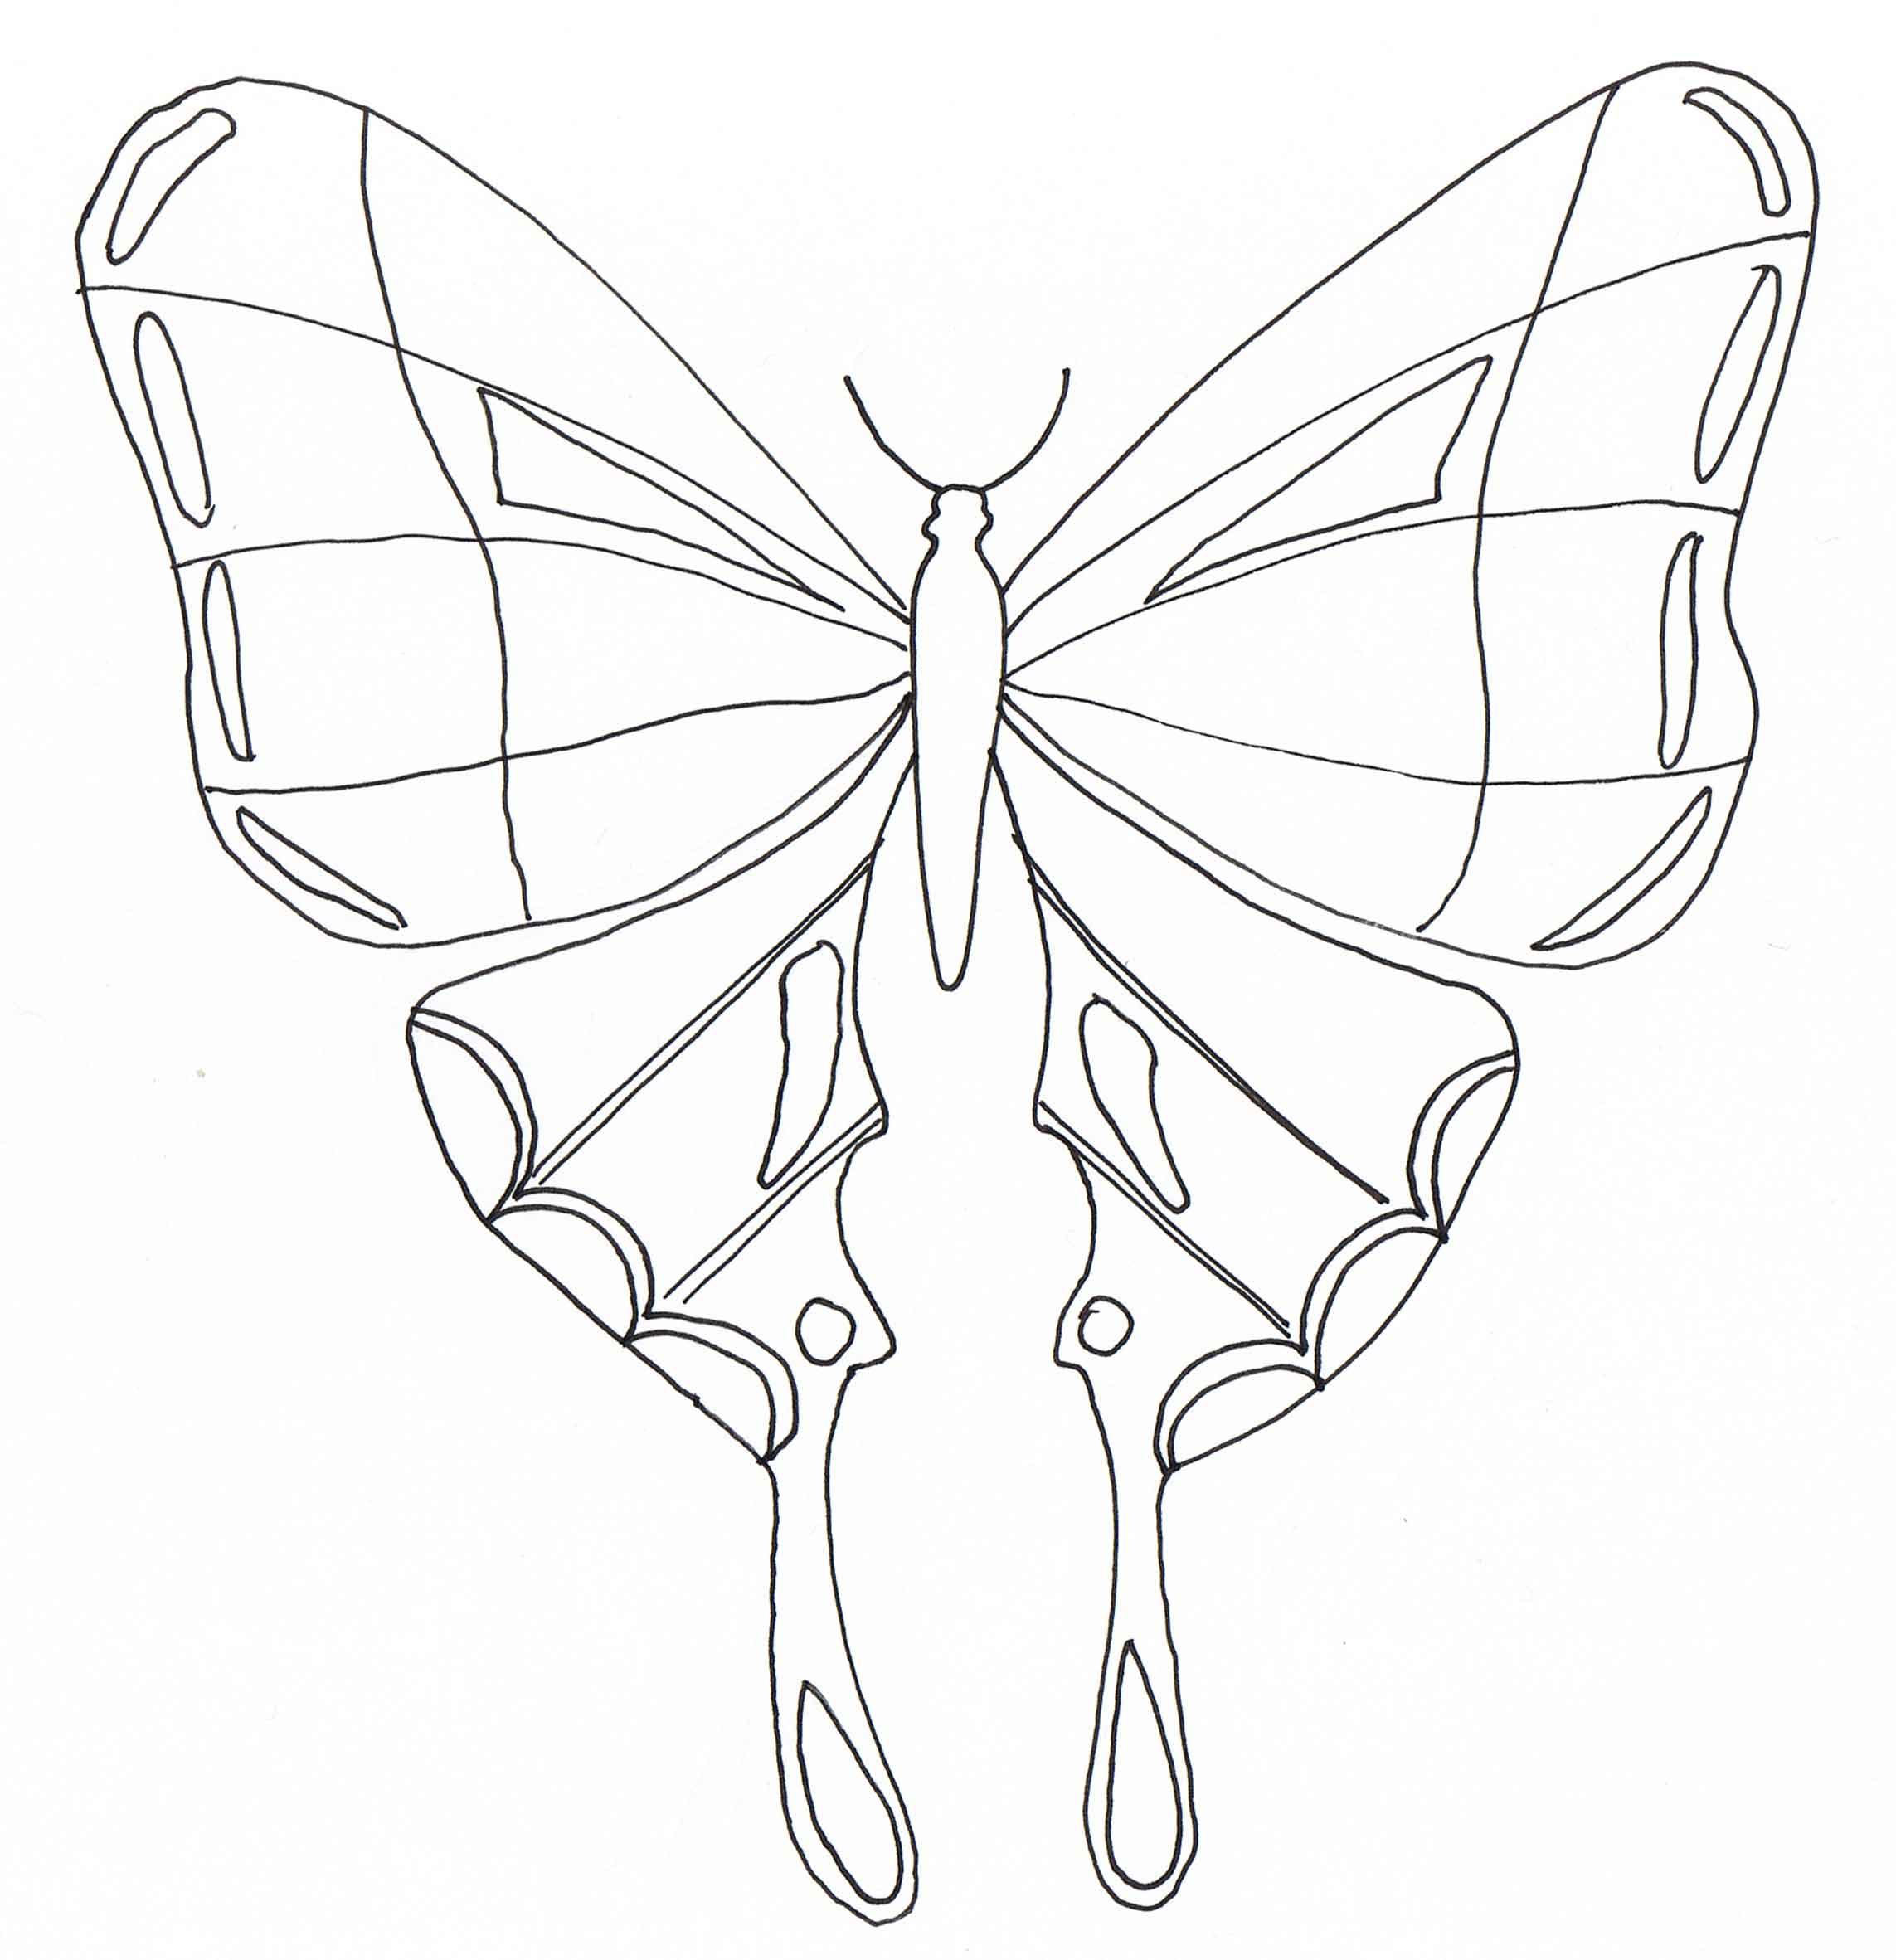 Dibujos Sencillos De Mariposas